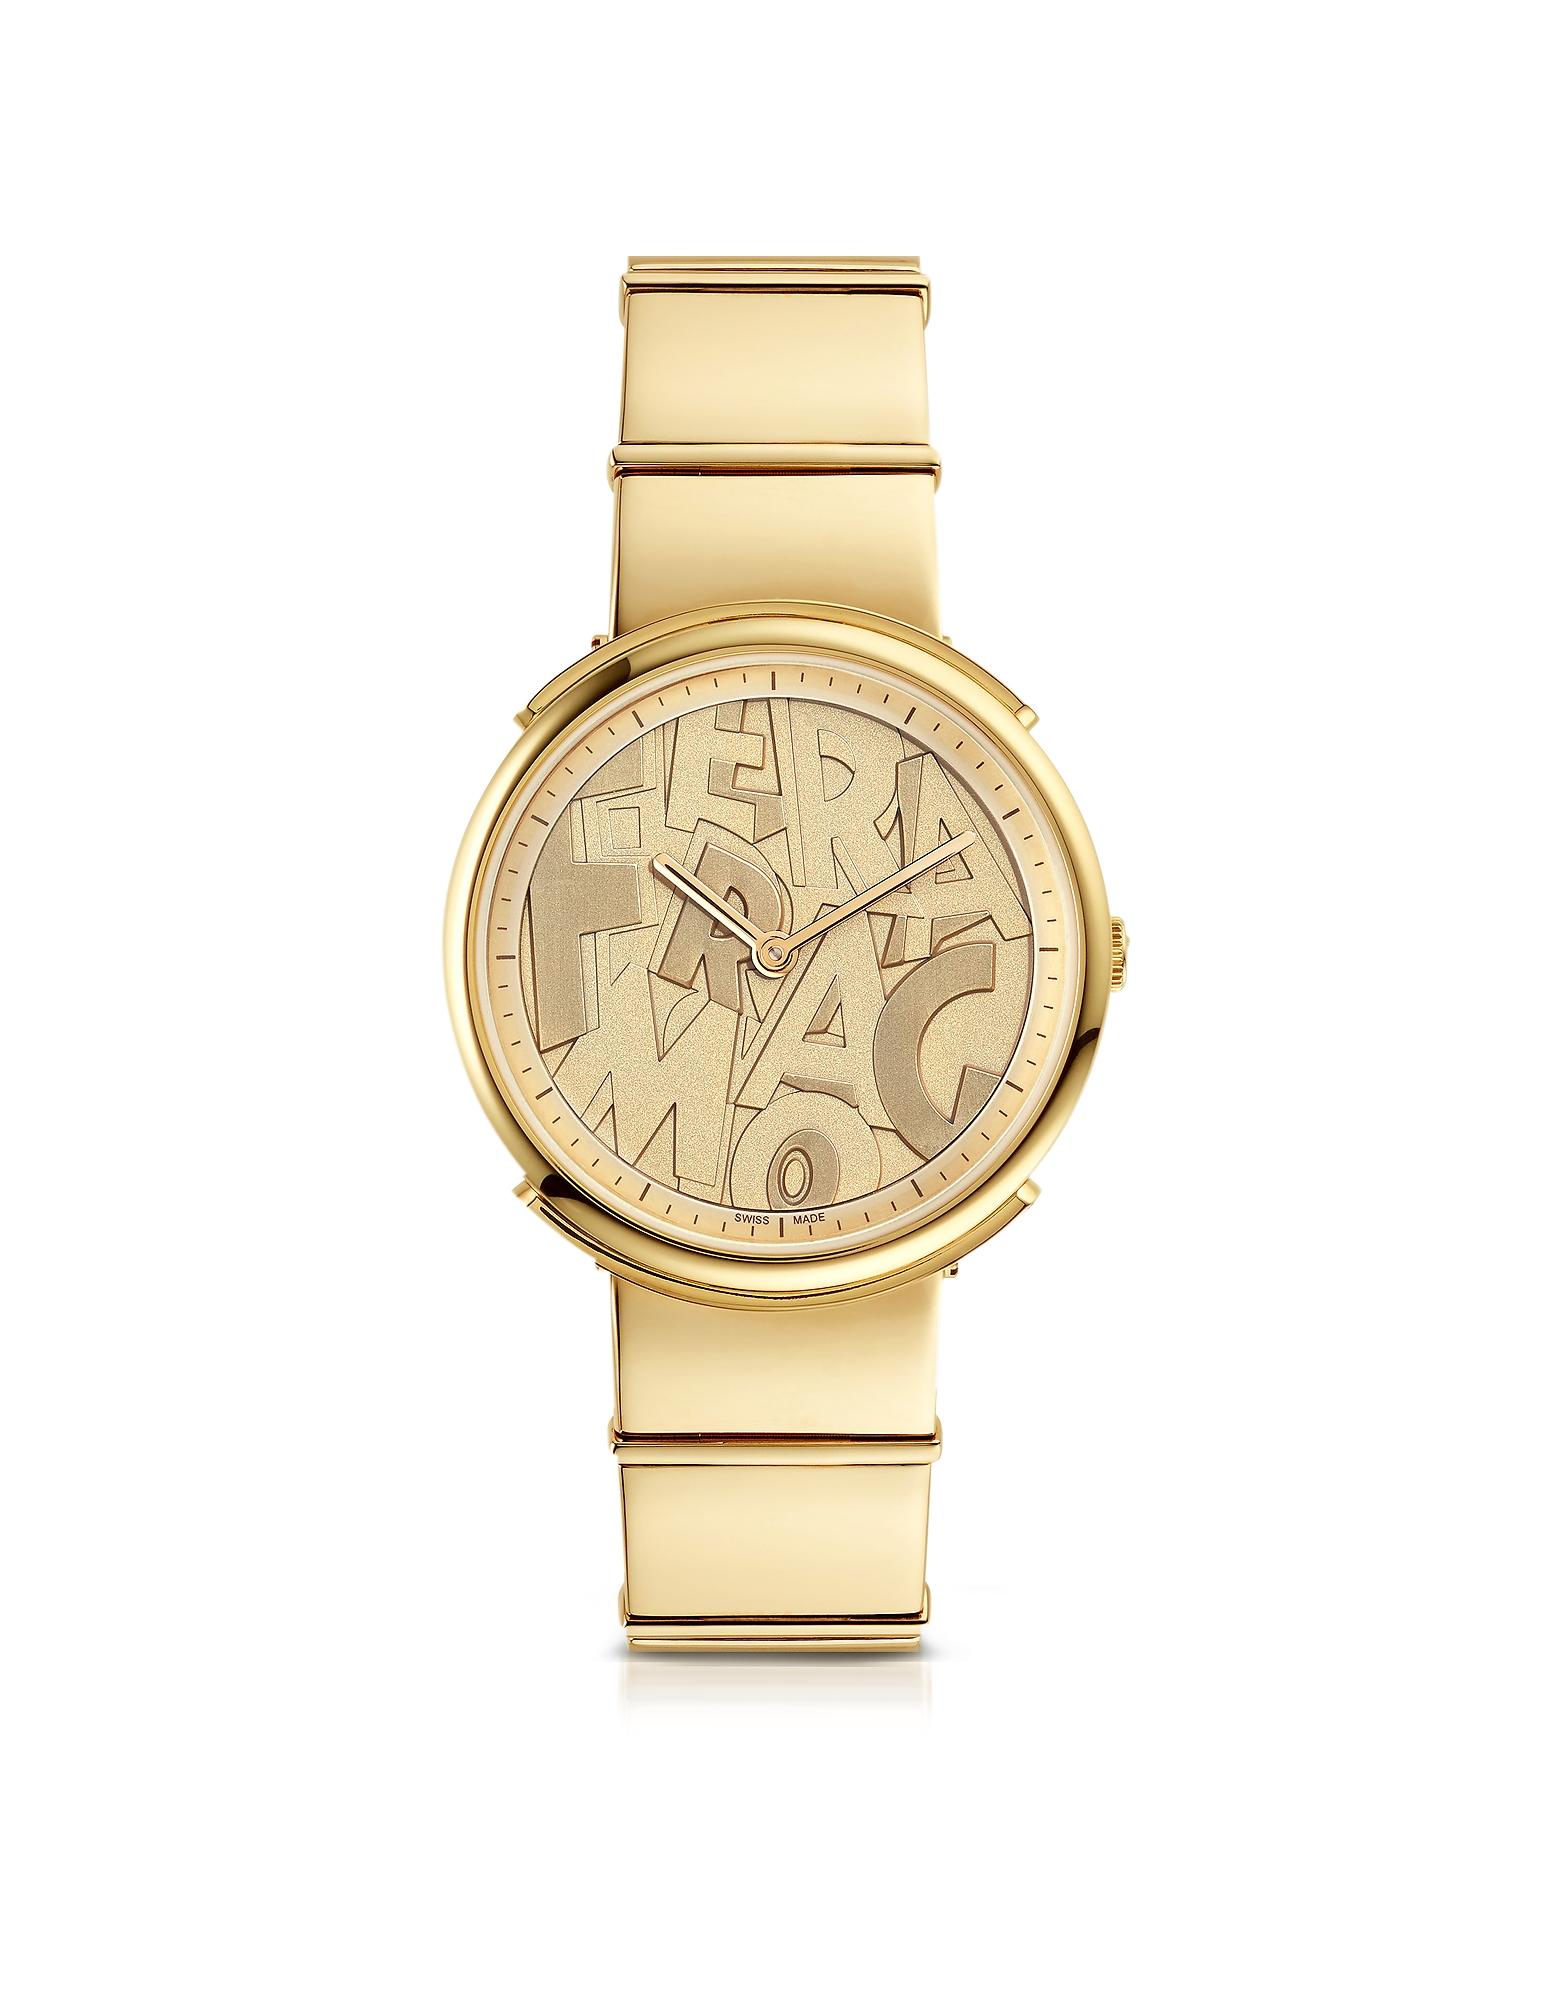 SALVATORE FERRAGAMO   золотистый Logomania - Позолоченные Матовые Женские Часы из Нержавеющей Стали с Буквами Ferragamo на Циферблате   Clouty